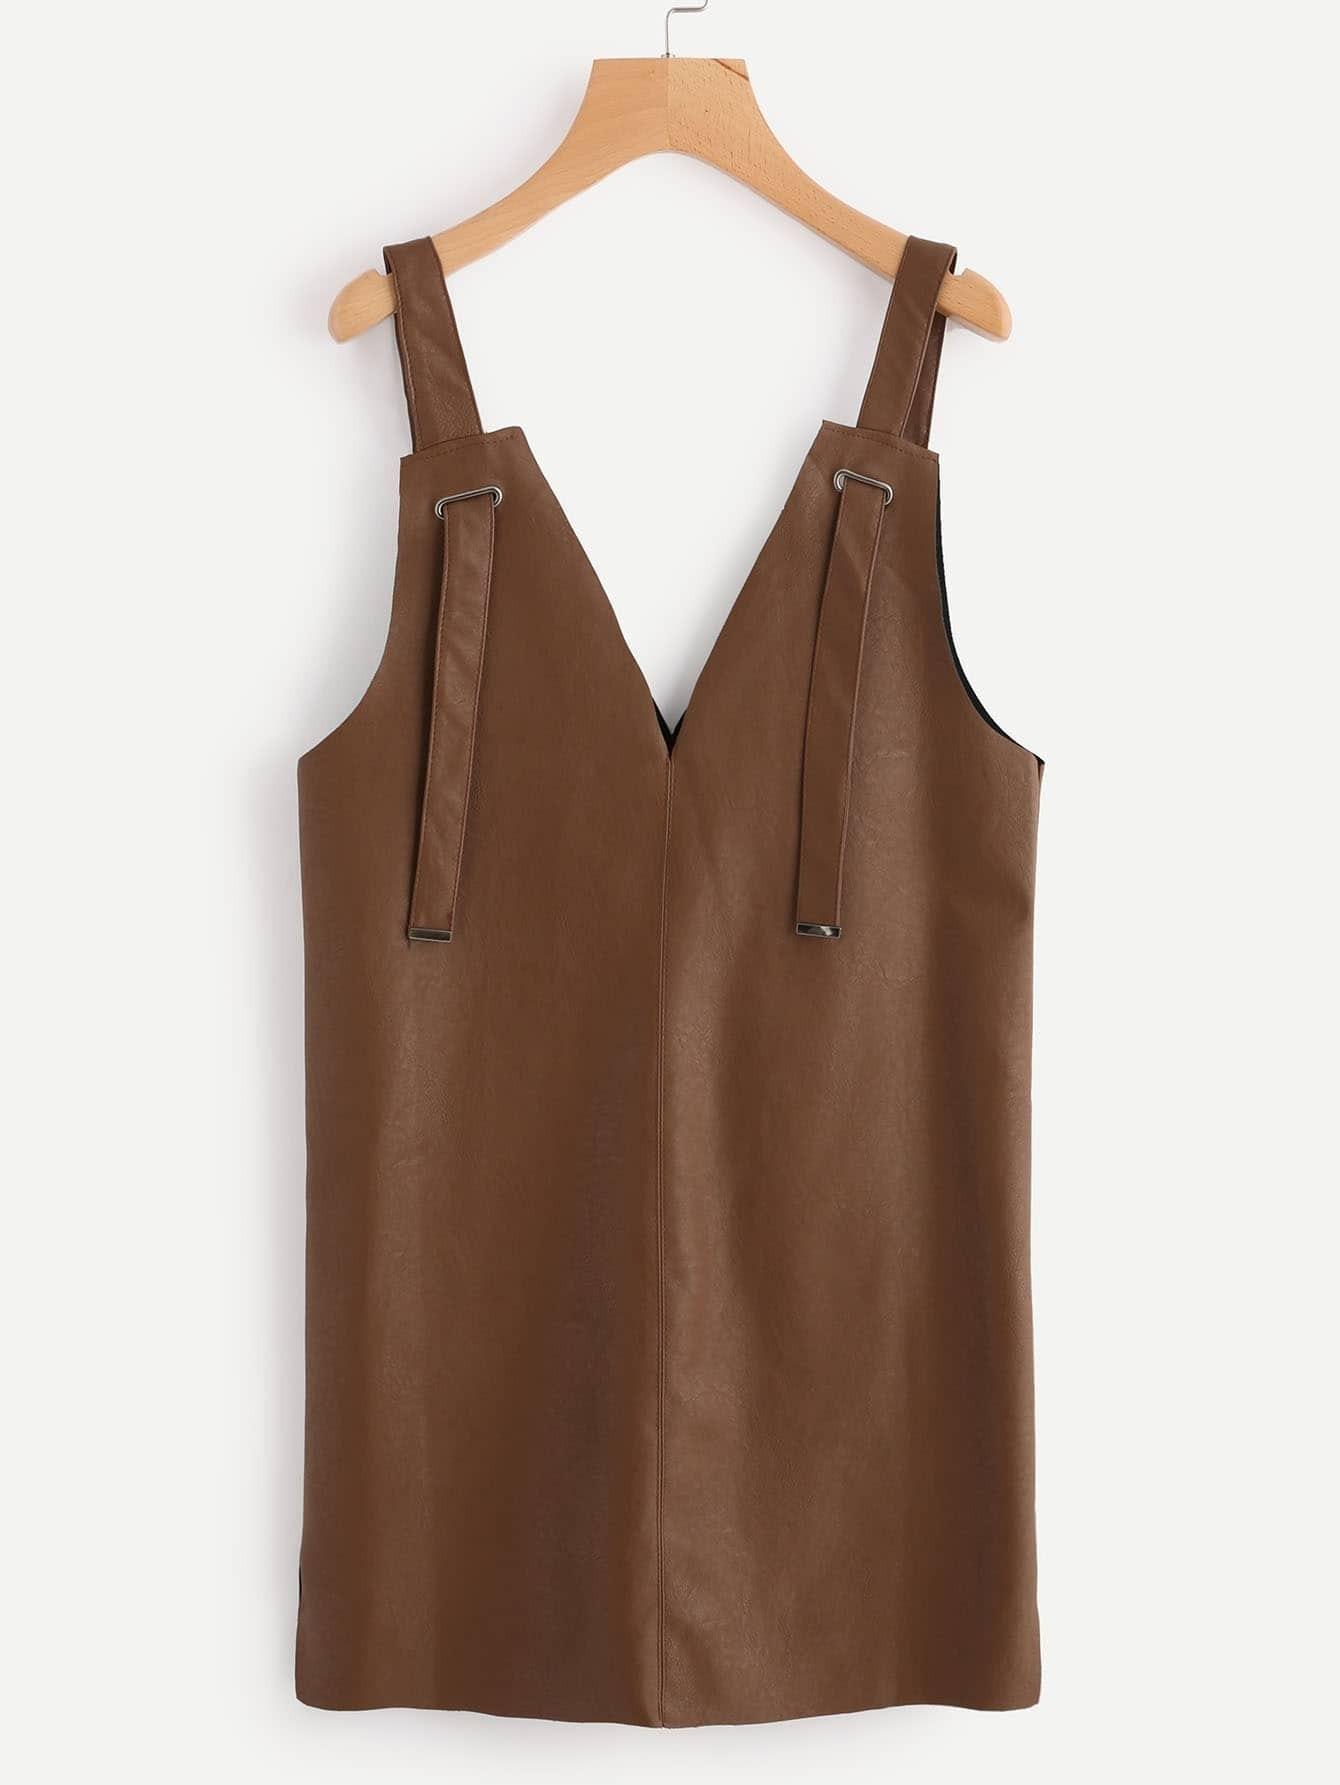 Deep V Neck Strap Detail Split Side Pinafore Dress rdre170920020